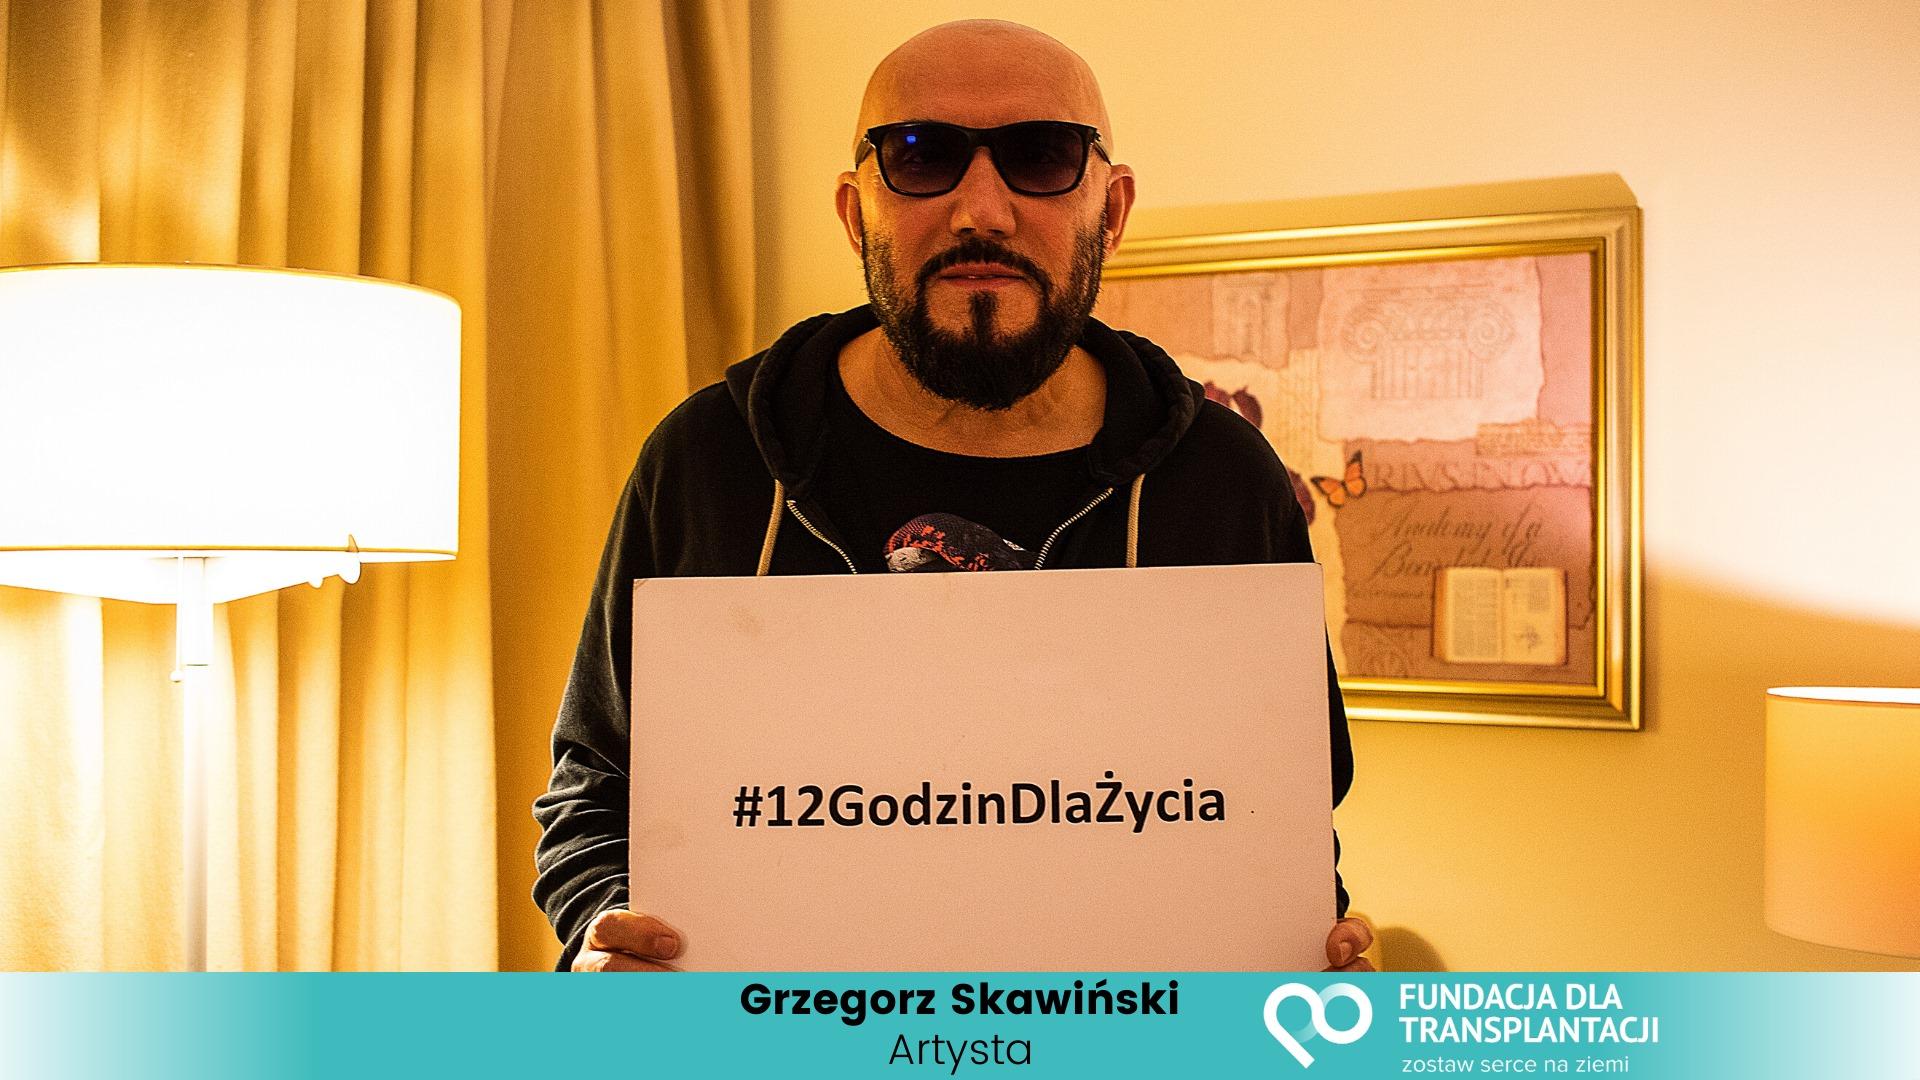 Grzegorz Skawiński